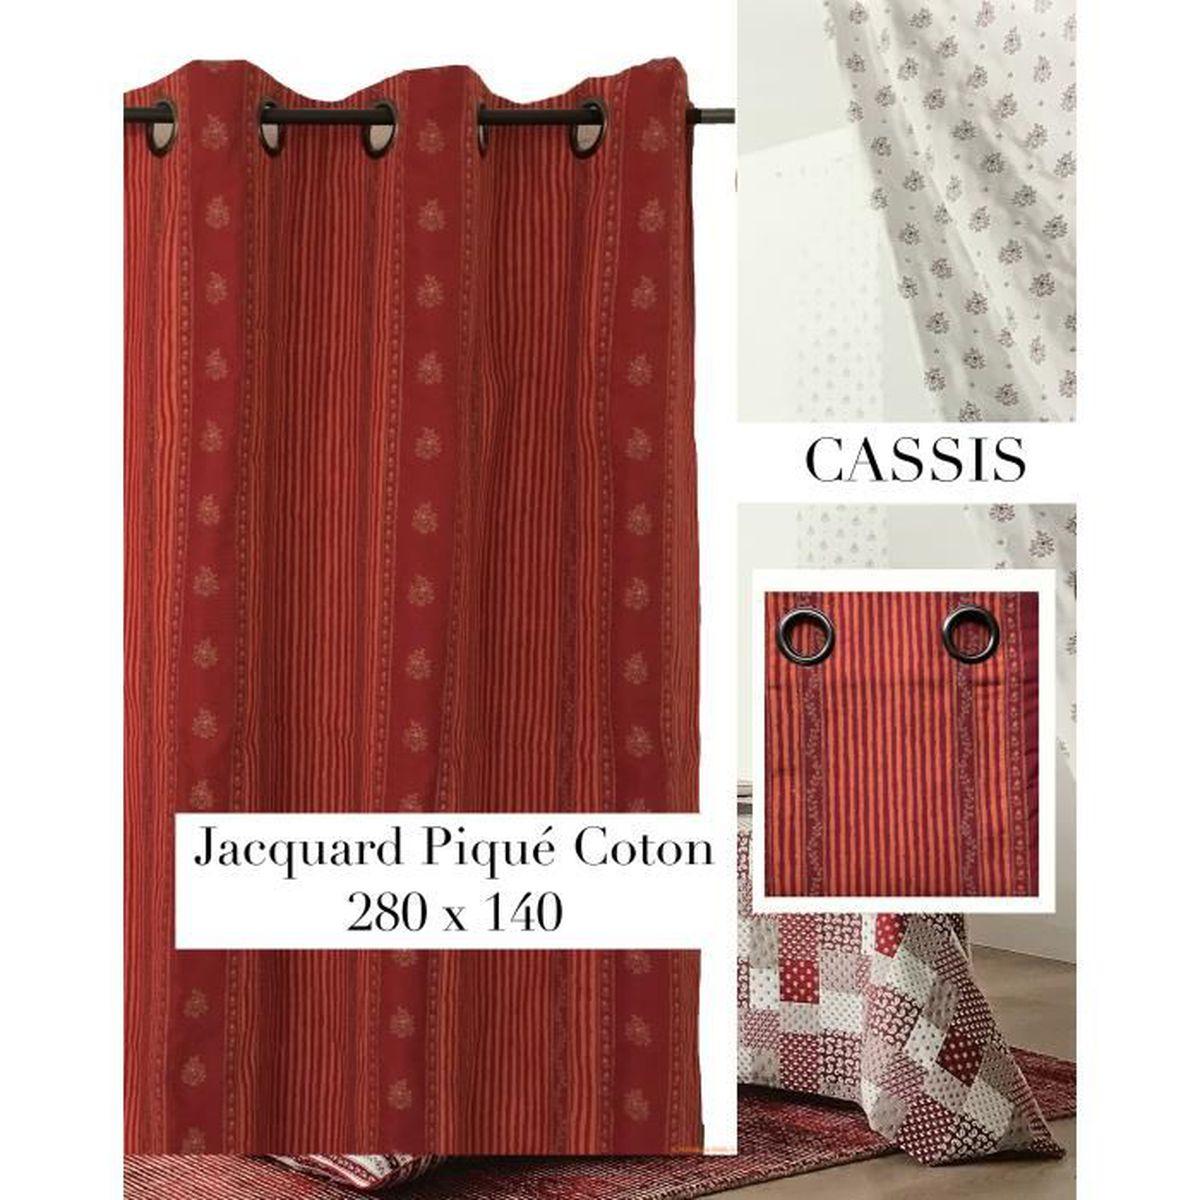 Magasin De Tissus Salon De Provence double rideau jacquard piqué coton rouge/orange , style provence et  montagne ,grande hauteur 140 x 280cm (prix boutique 75e)